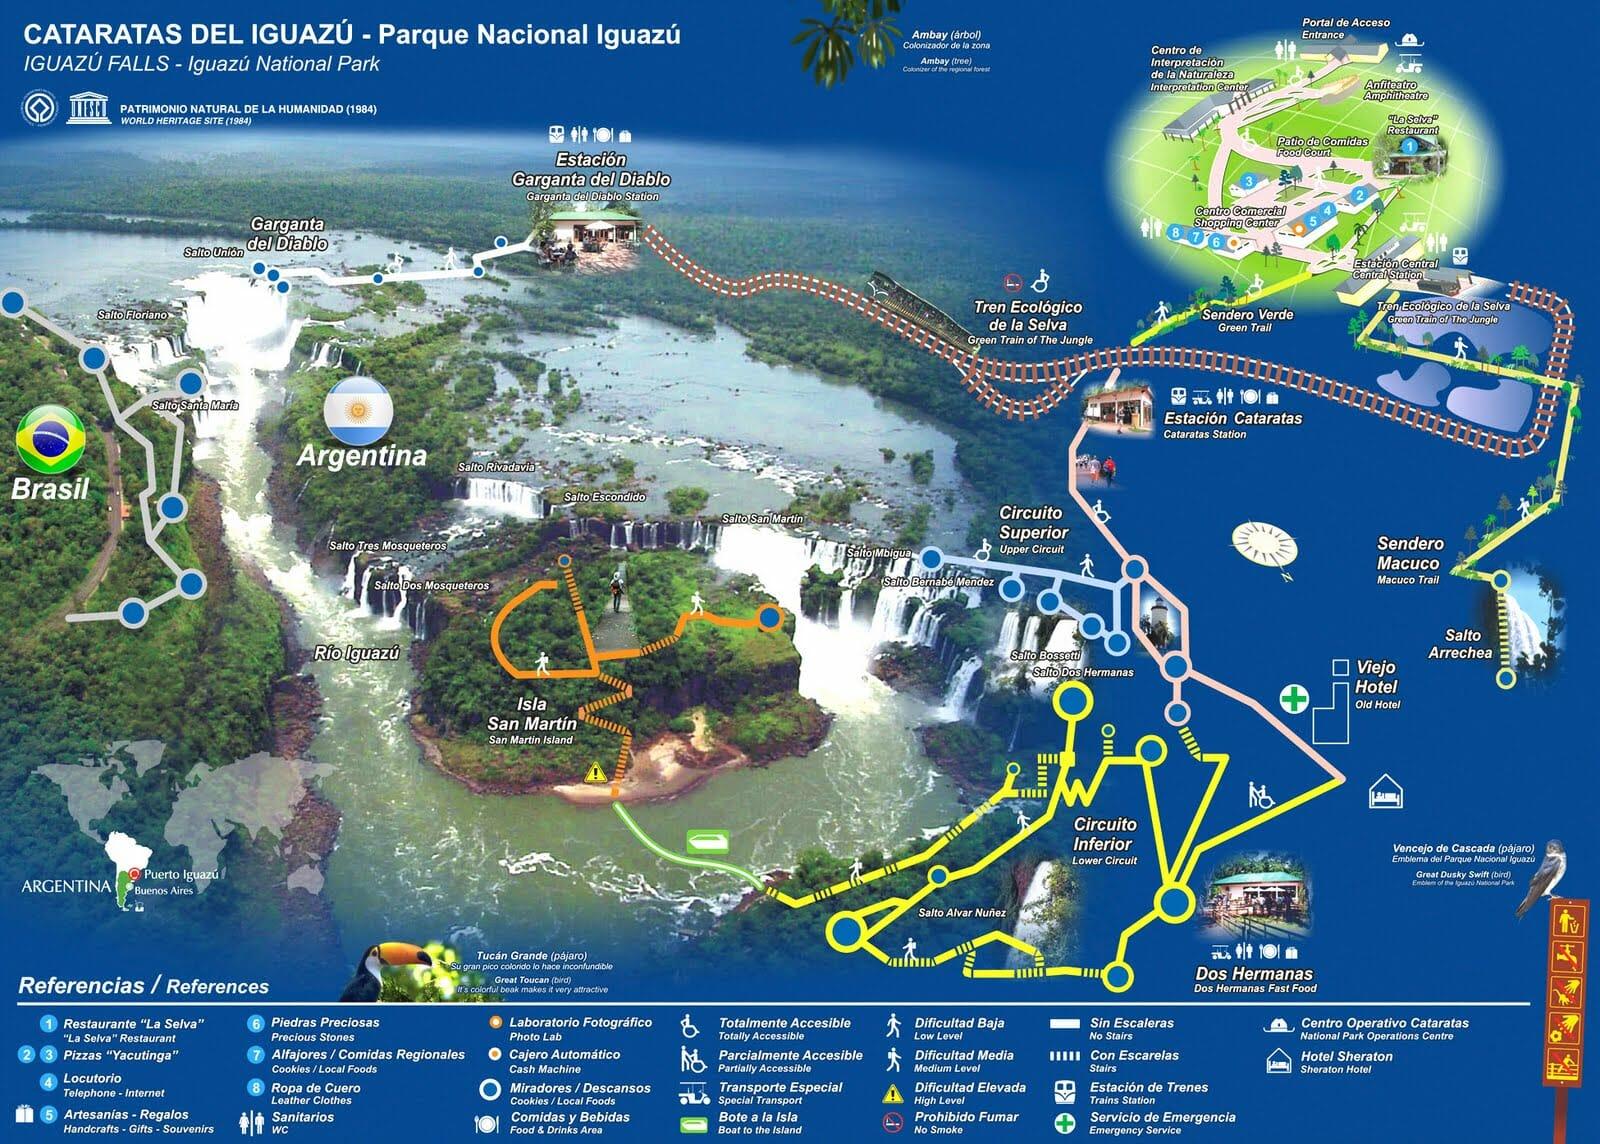 Descubra todos os passeios que estão inclusos no lado argentino das Cataratas do Iguaçu mapa cataratas iguaçu